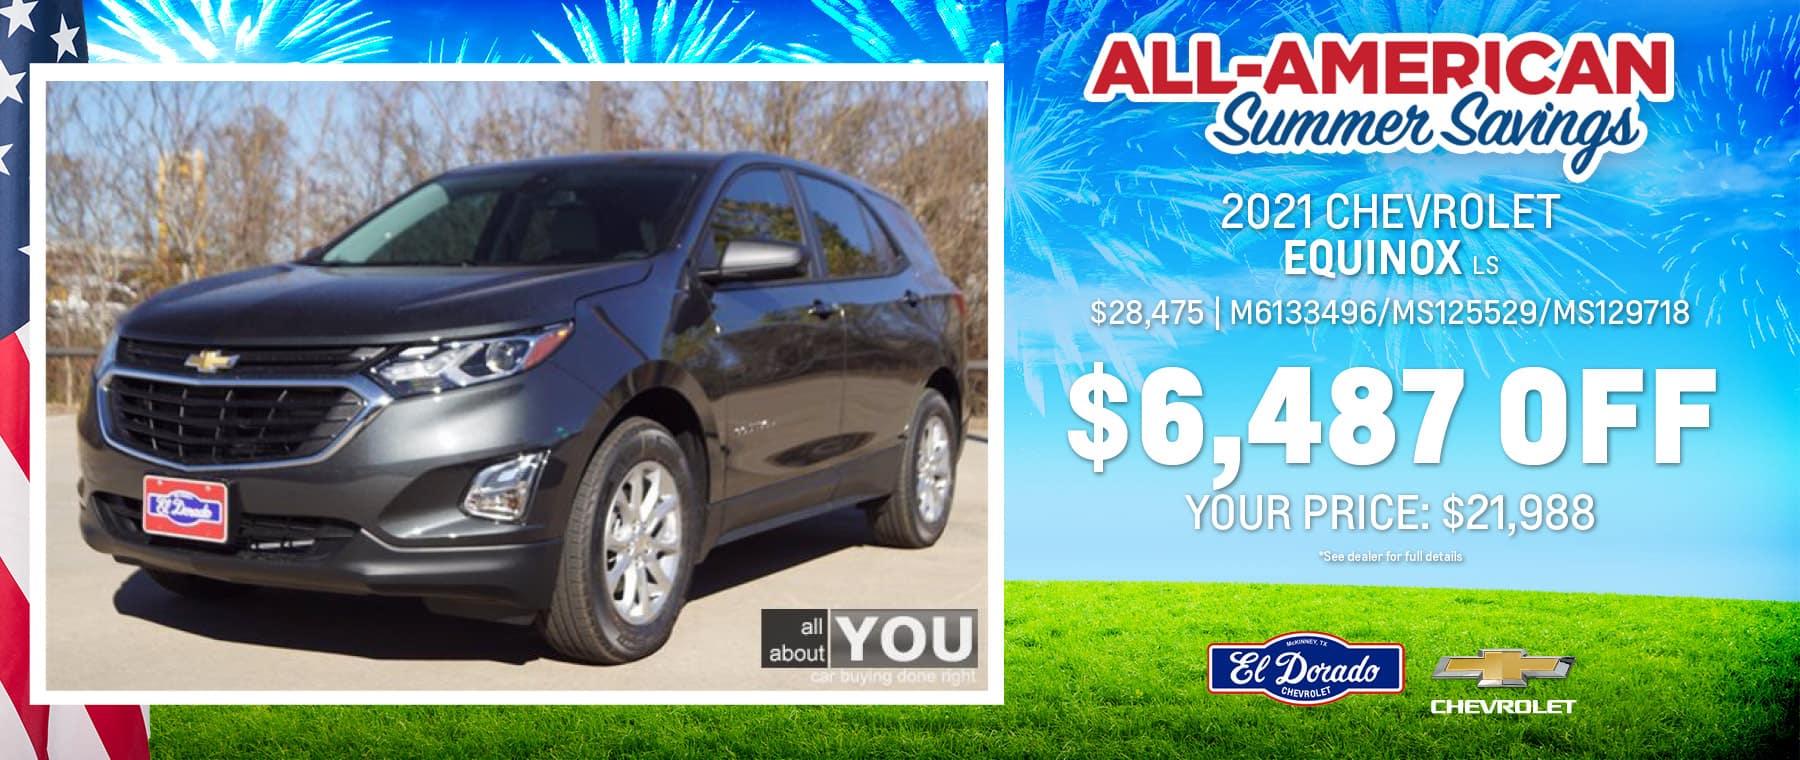 2021 Chevrolet Equinox LS - El Dorado Chevrolet in McKinney, Texas